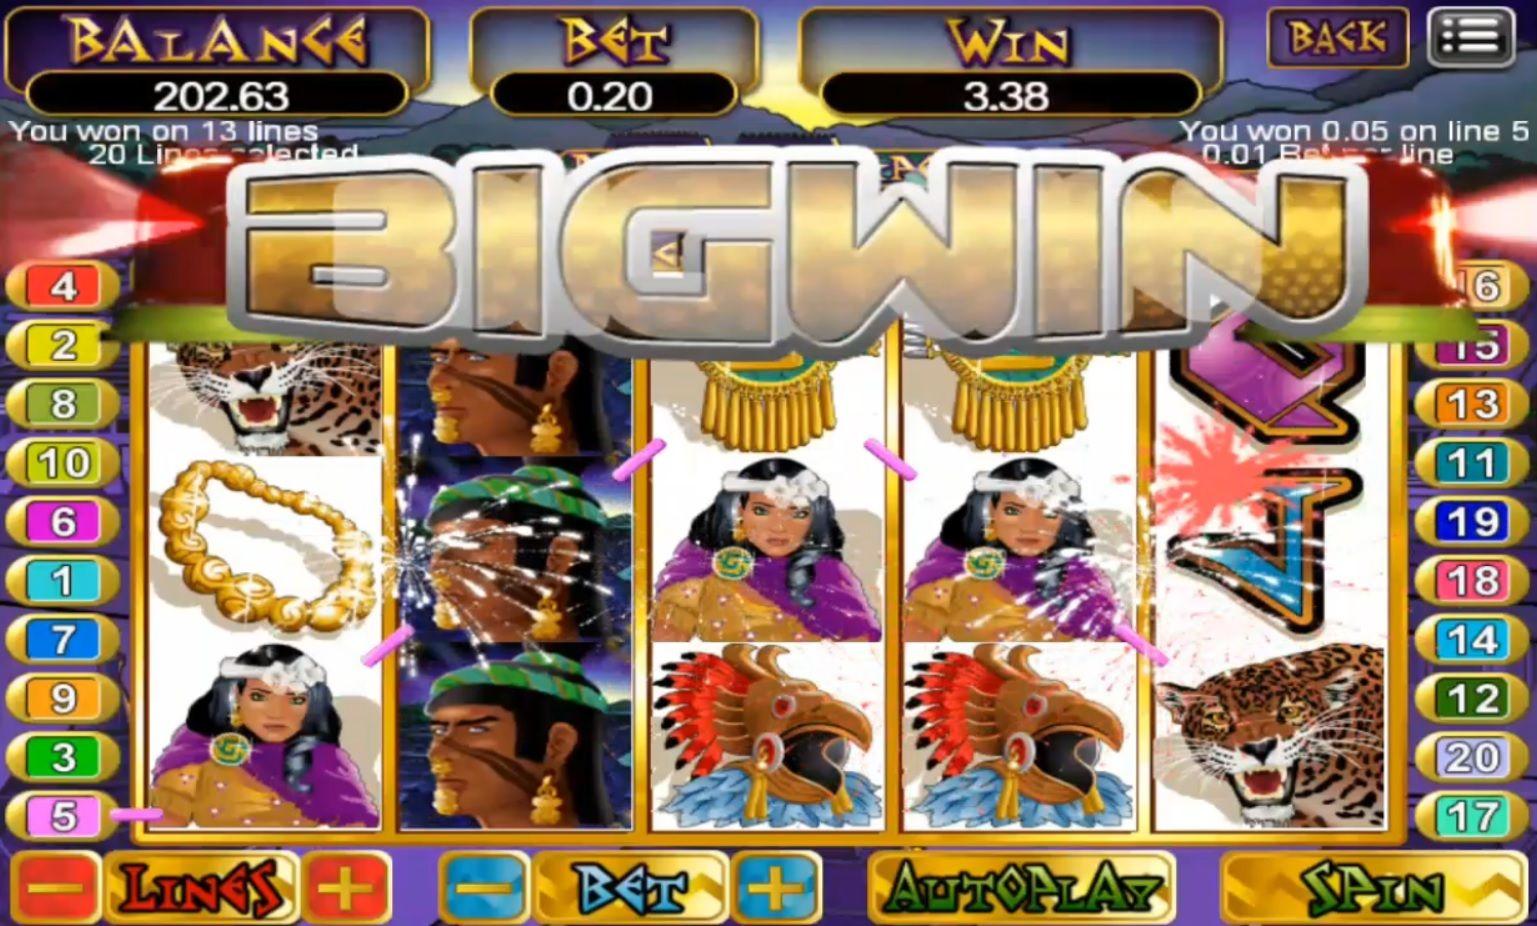 X Perlu Pusing Percuma Terus Menang Big Win Dlm 918kiss Aztec Bosscuci Com New Member Bonus 30p Free Casino Slot Games Free Slot Games Casino Slot Games